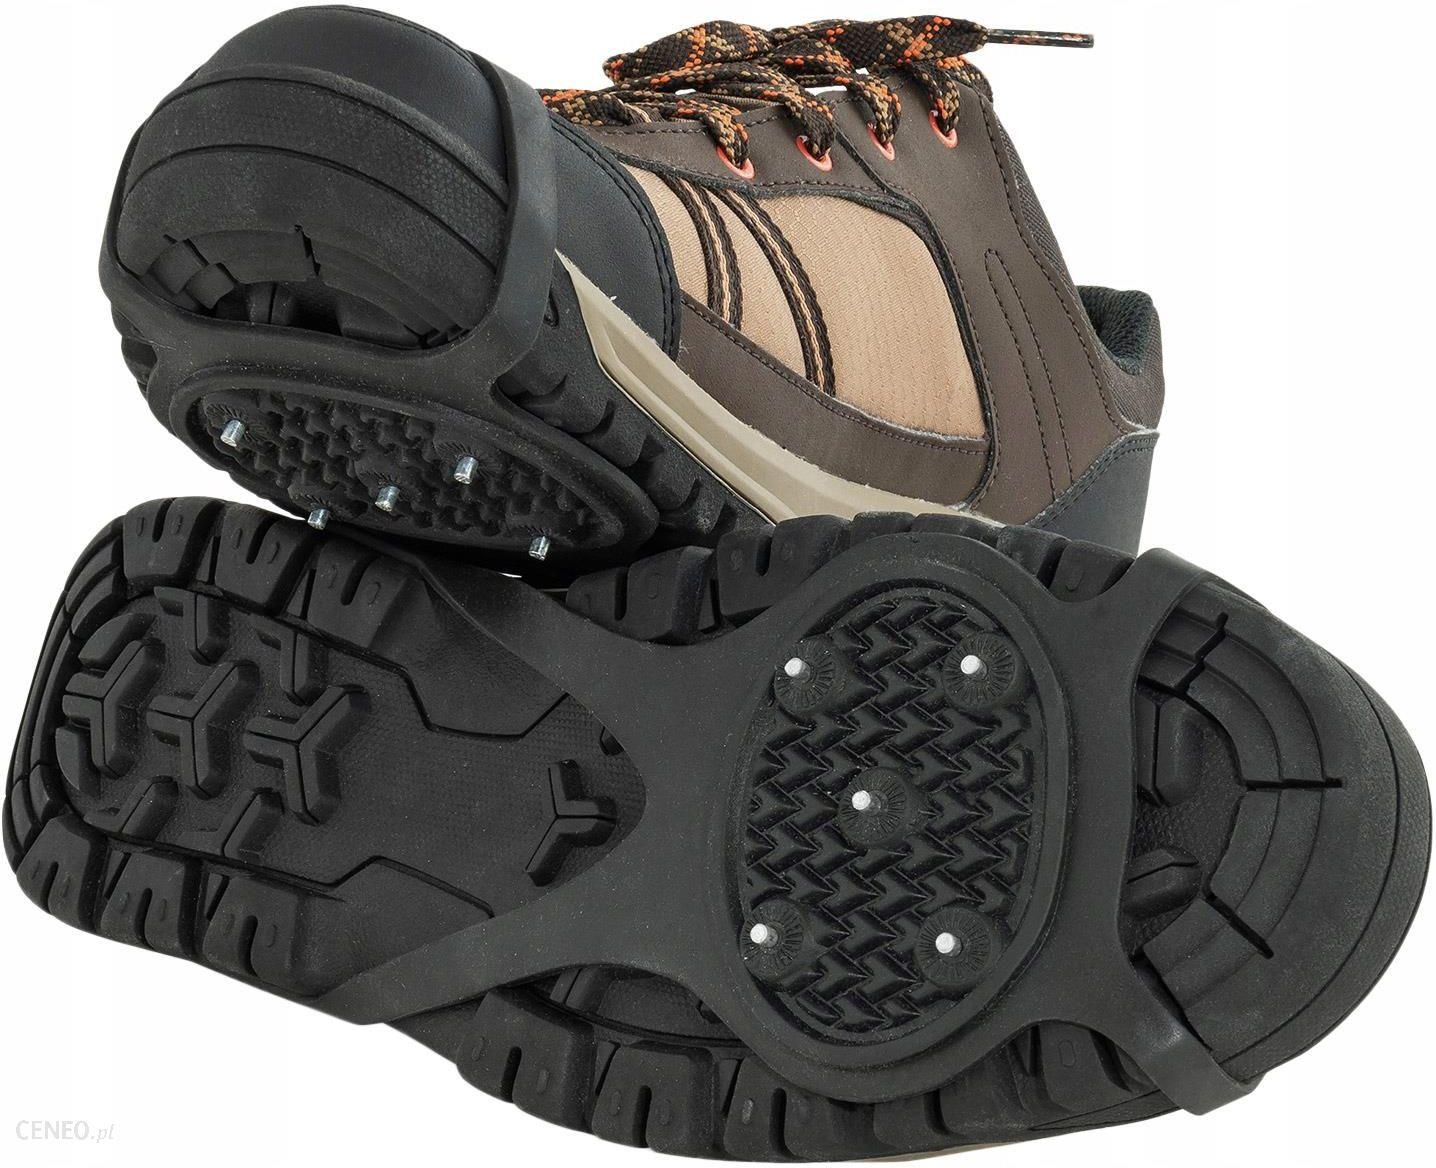 Kolce i nakładki antypoślizgowe na buty Sklep Domena Sportowa